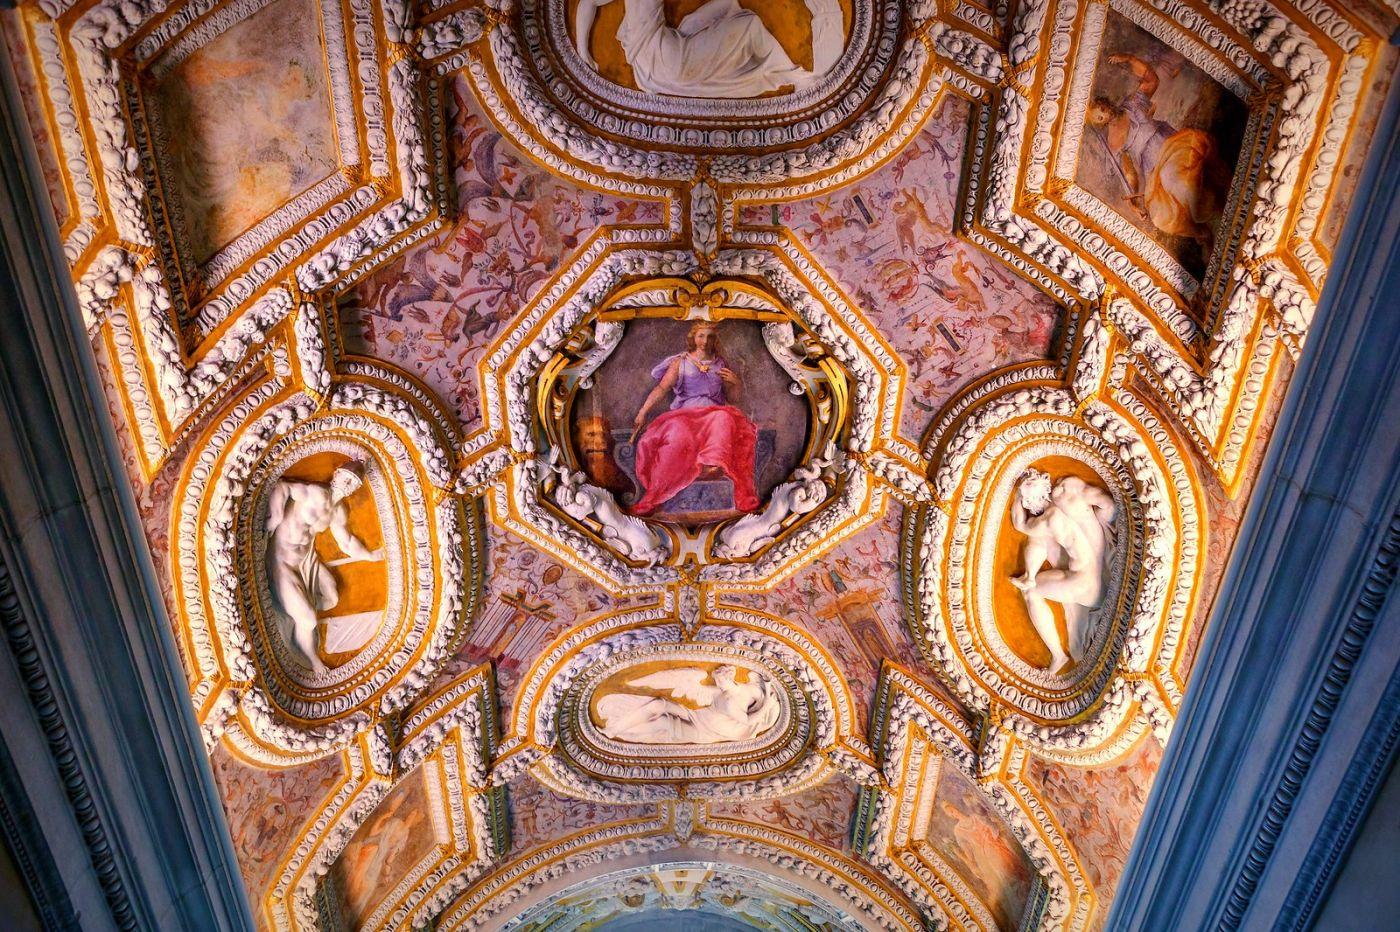 威尼斯圣马可大教堂(St Mark's Basilica), 精雕细琢的顶设_图1-23